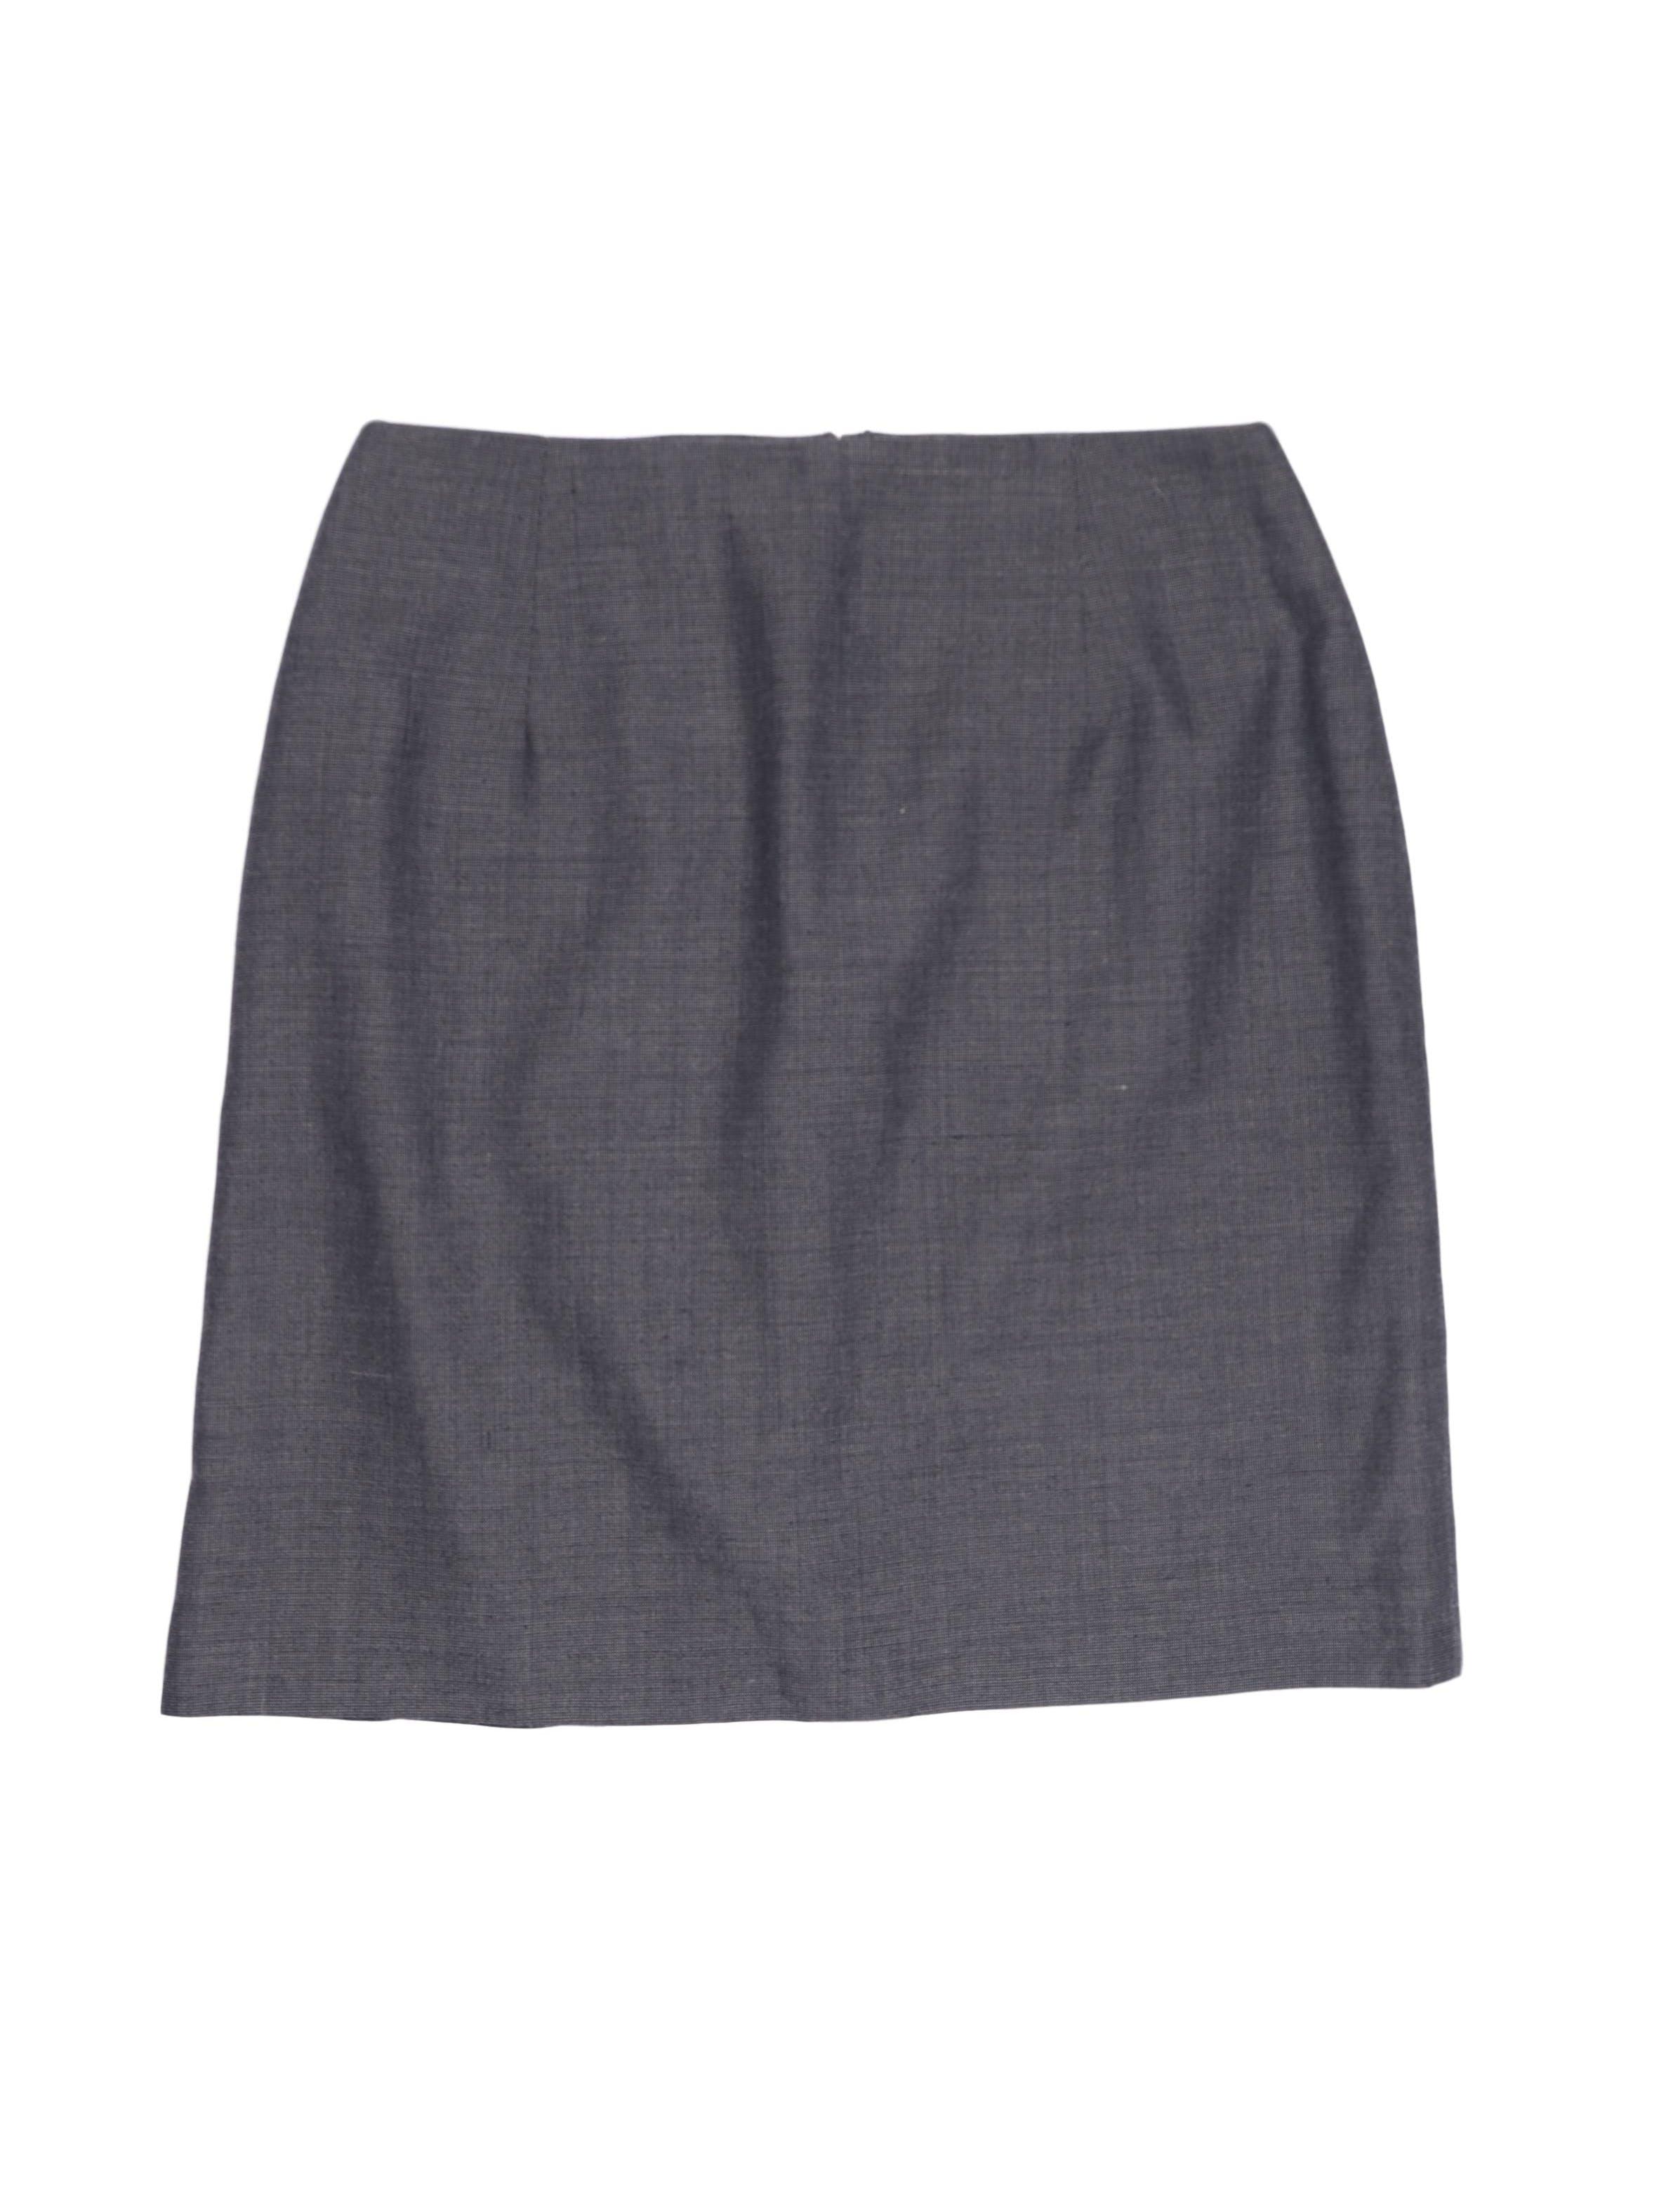 Falda recta, gris tipo sastre, forrada, con abertura y cierre posterior. Cintura 68 cm, largo 45 cm